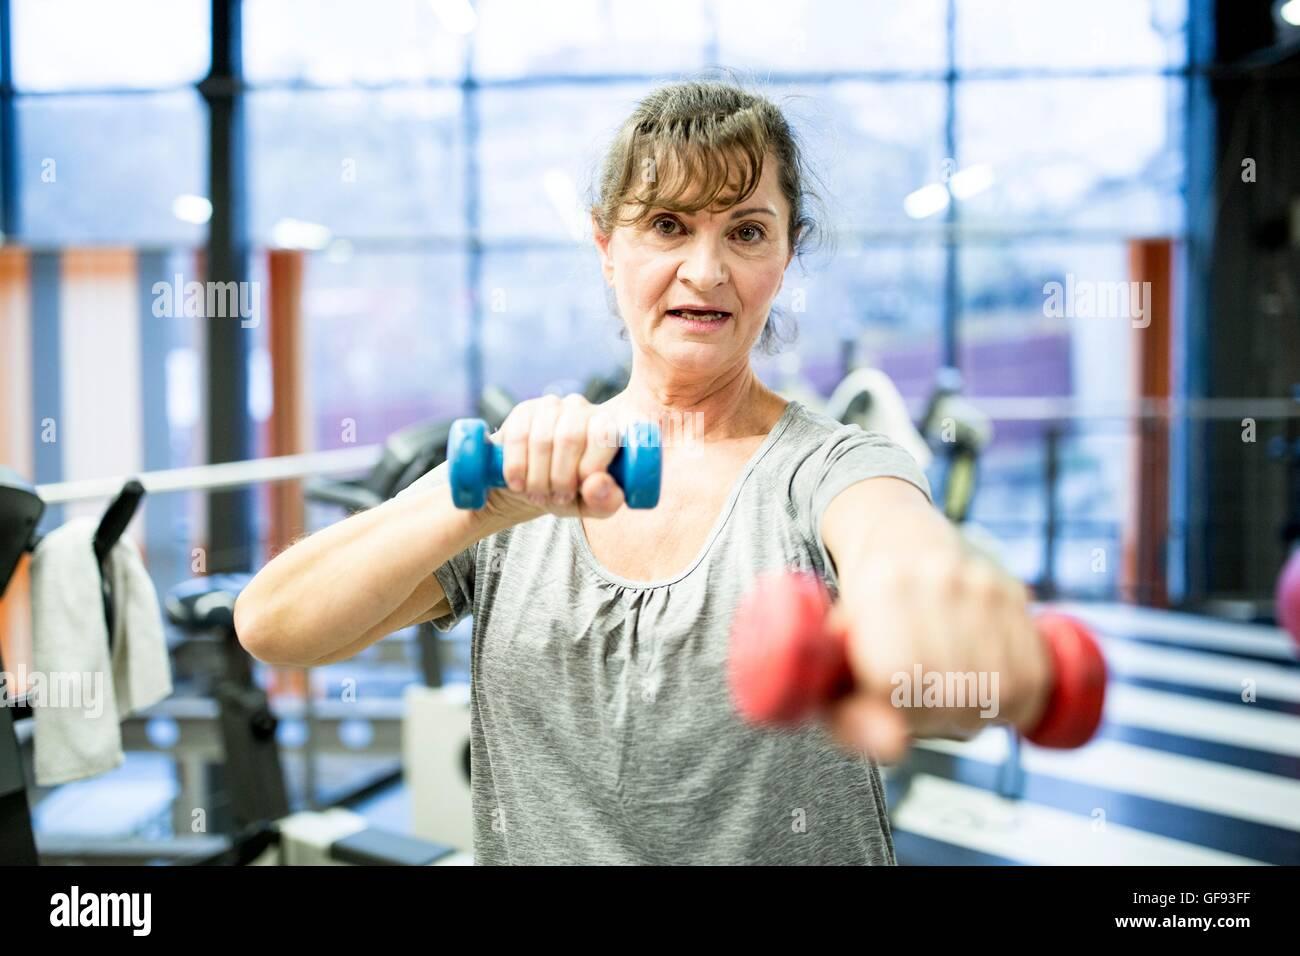 EIGENTUM FREIGEGEBEN. -MODELL VERÖFFENTLICHT. Porträt senior Frau mit Hantel im Fitness-Studio. Stockbild